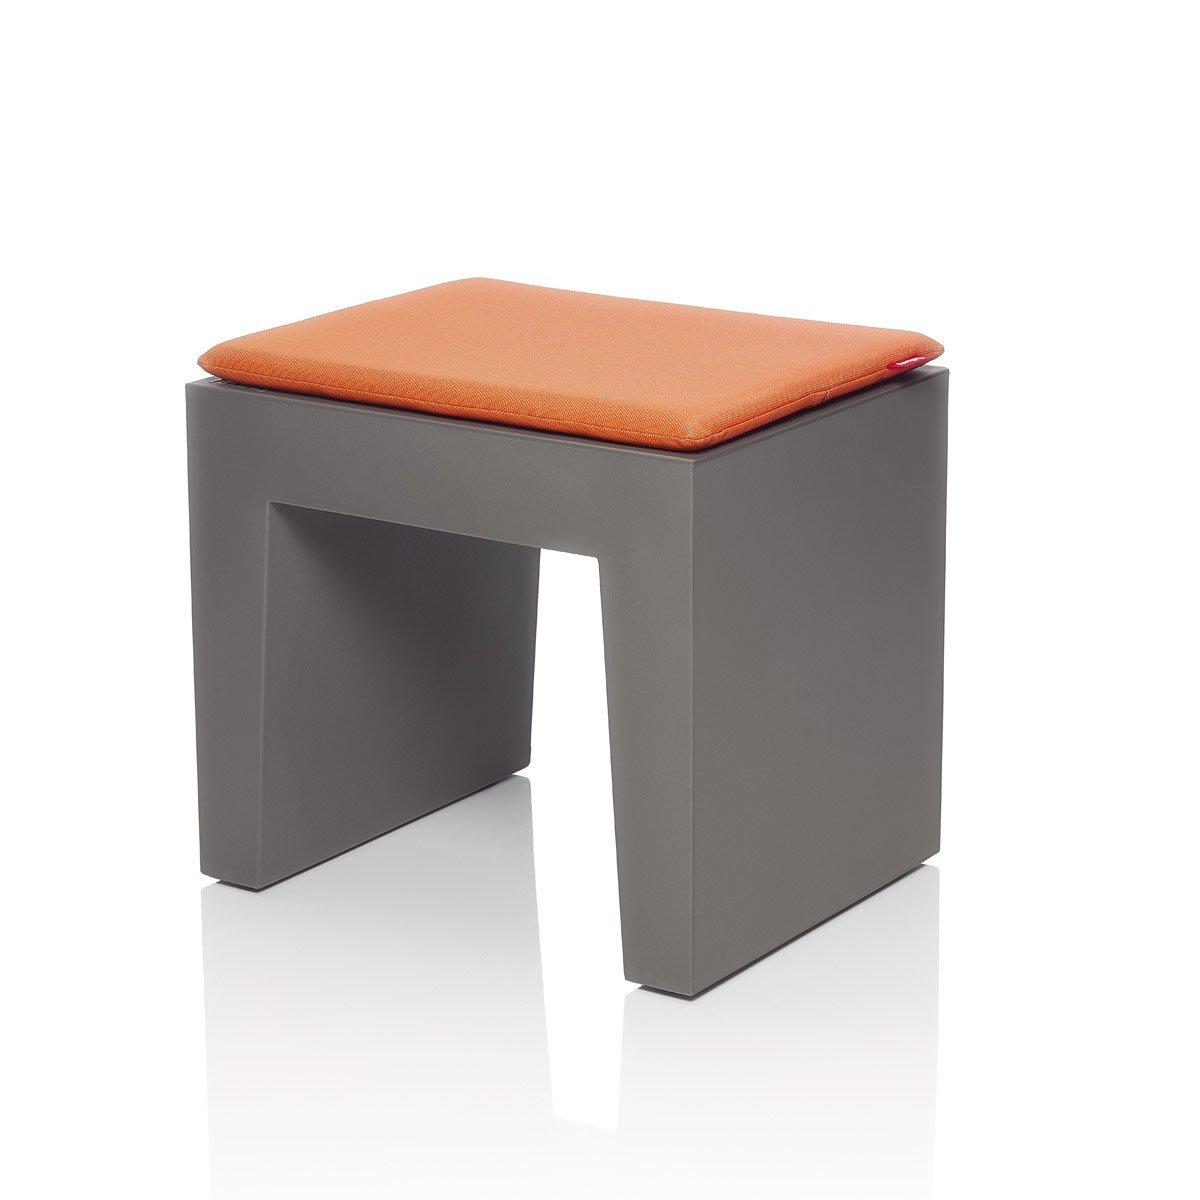 fatboy Sitzkissen Conrete Pillow mandarin-orange für Concrete Seat